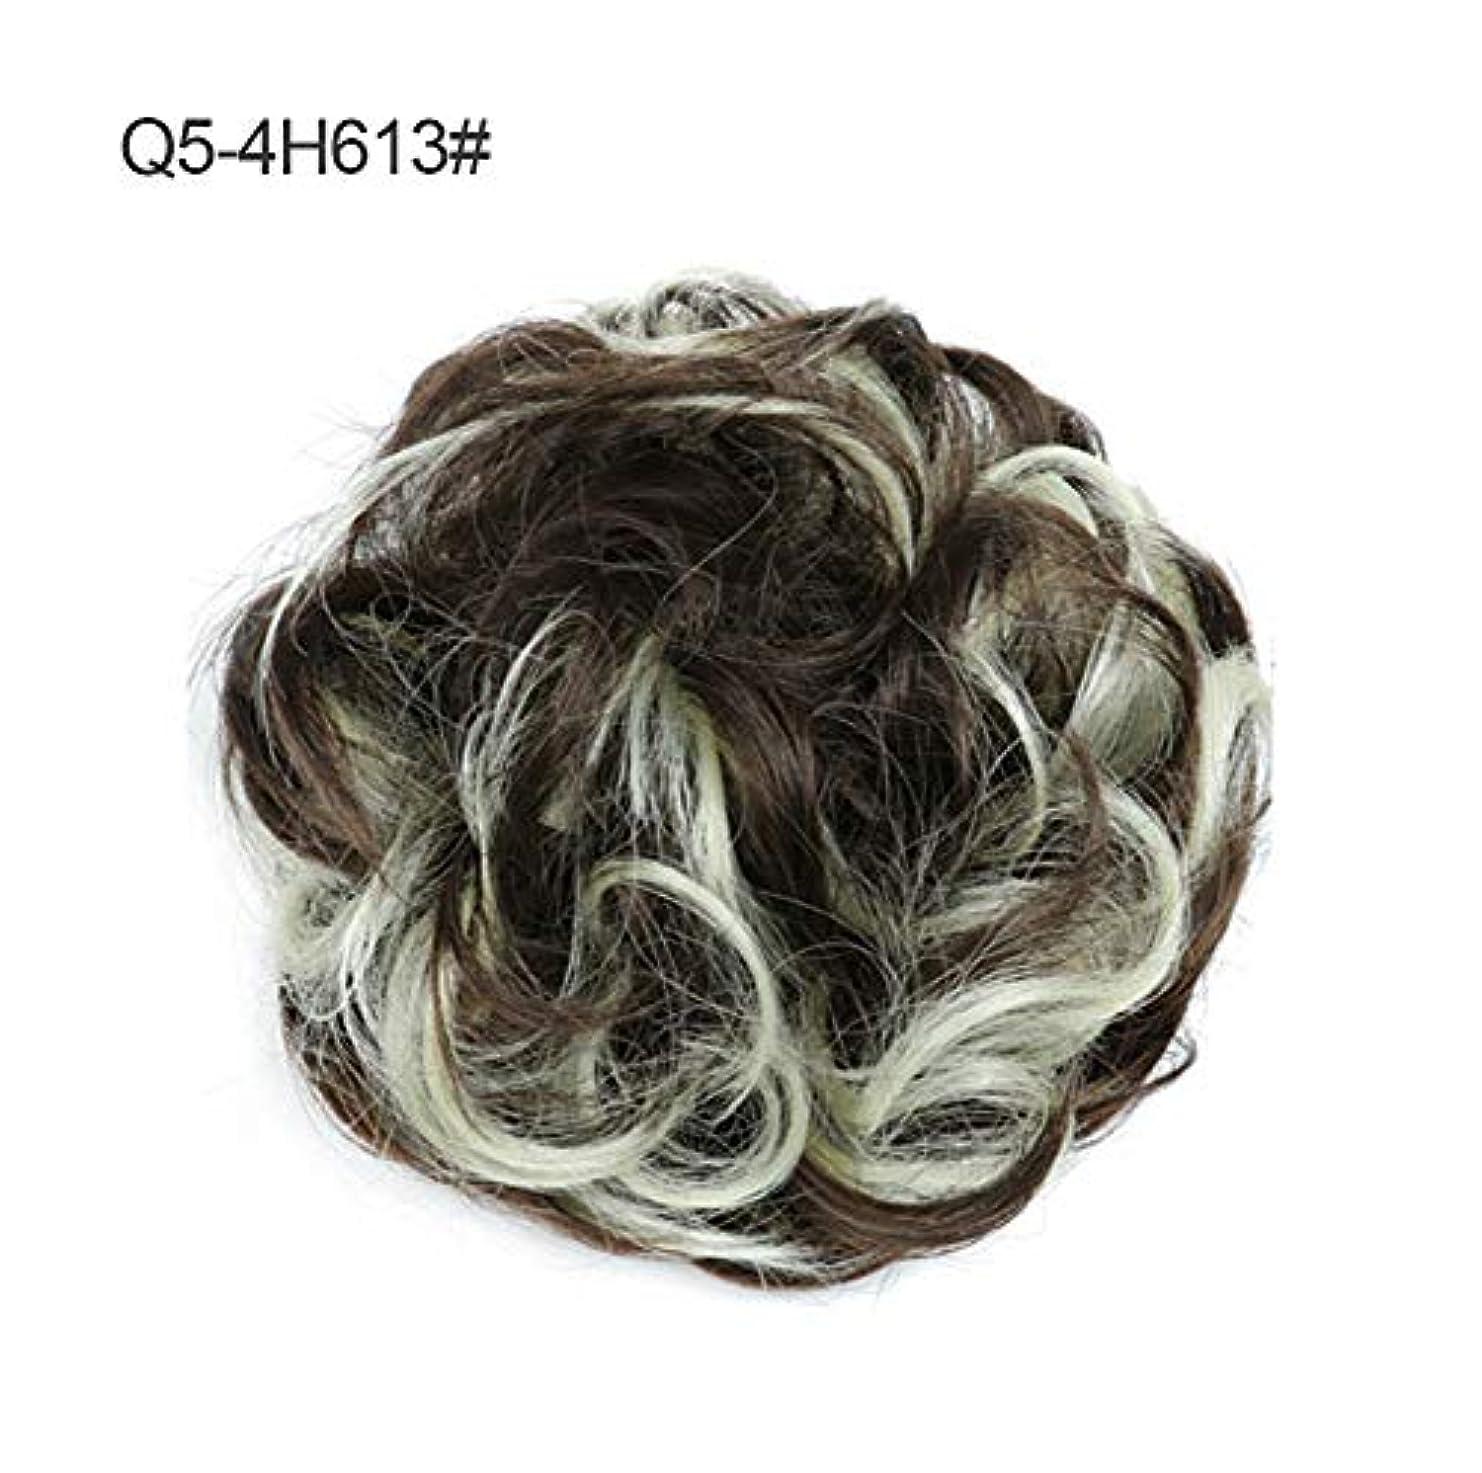 軽減する原子エイリアスメッシードーナツアップドポニーテールシニョンエクステンション、女性のためのカーリー波状部分シュシュ髪お団子リボンアクセサリー